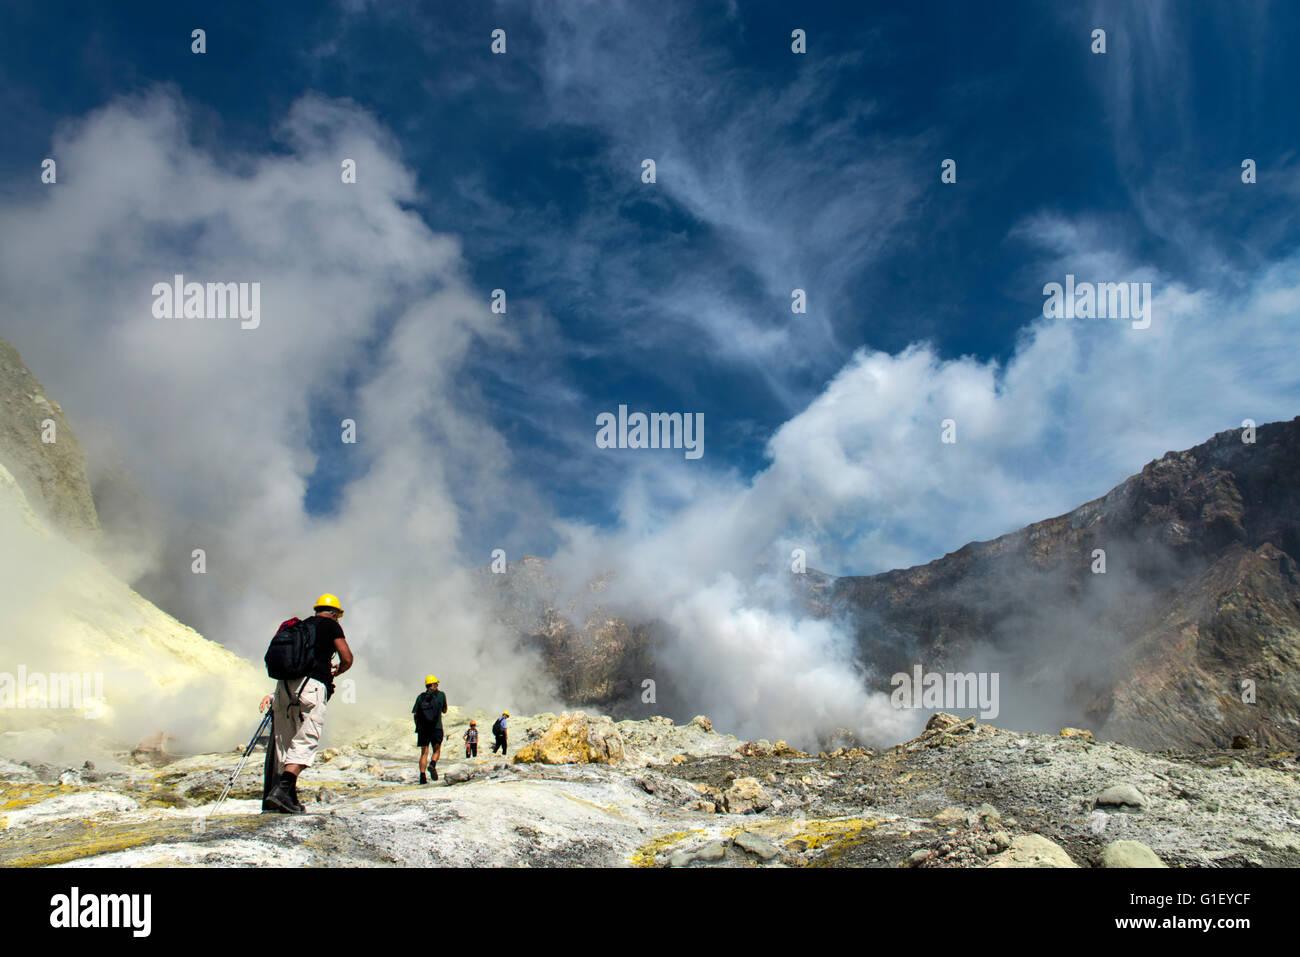 Los turistas en tierras de volcán activo Whakaari Isla Blanca Nueva Zelanda Imagen De Stock